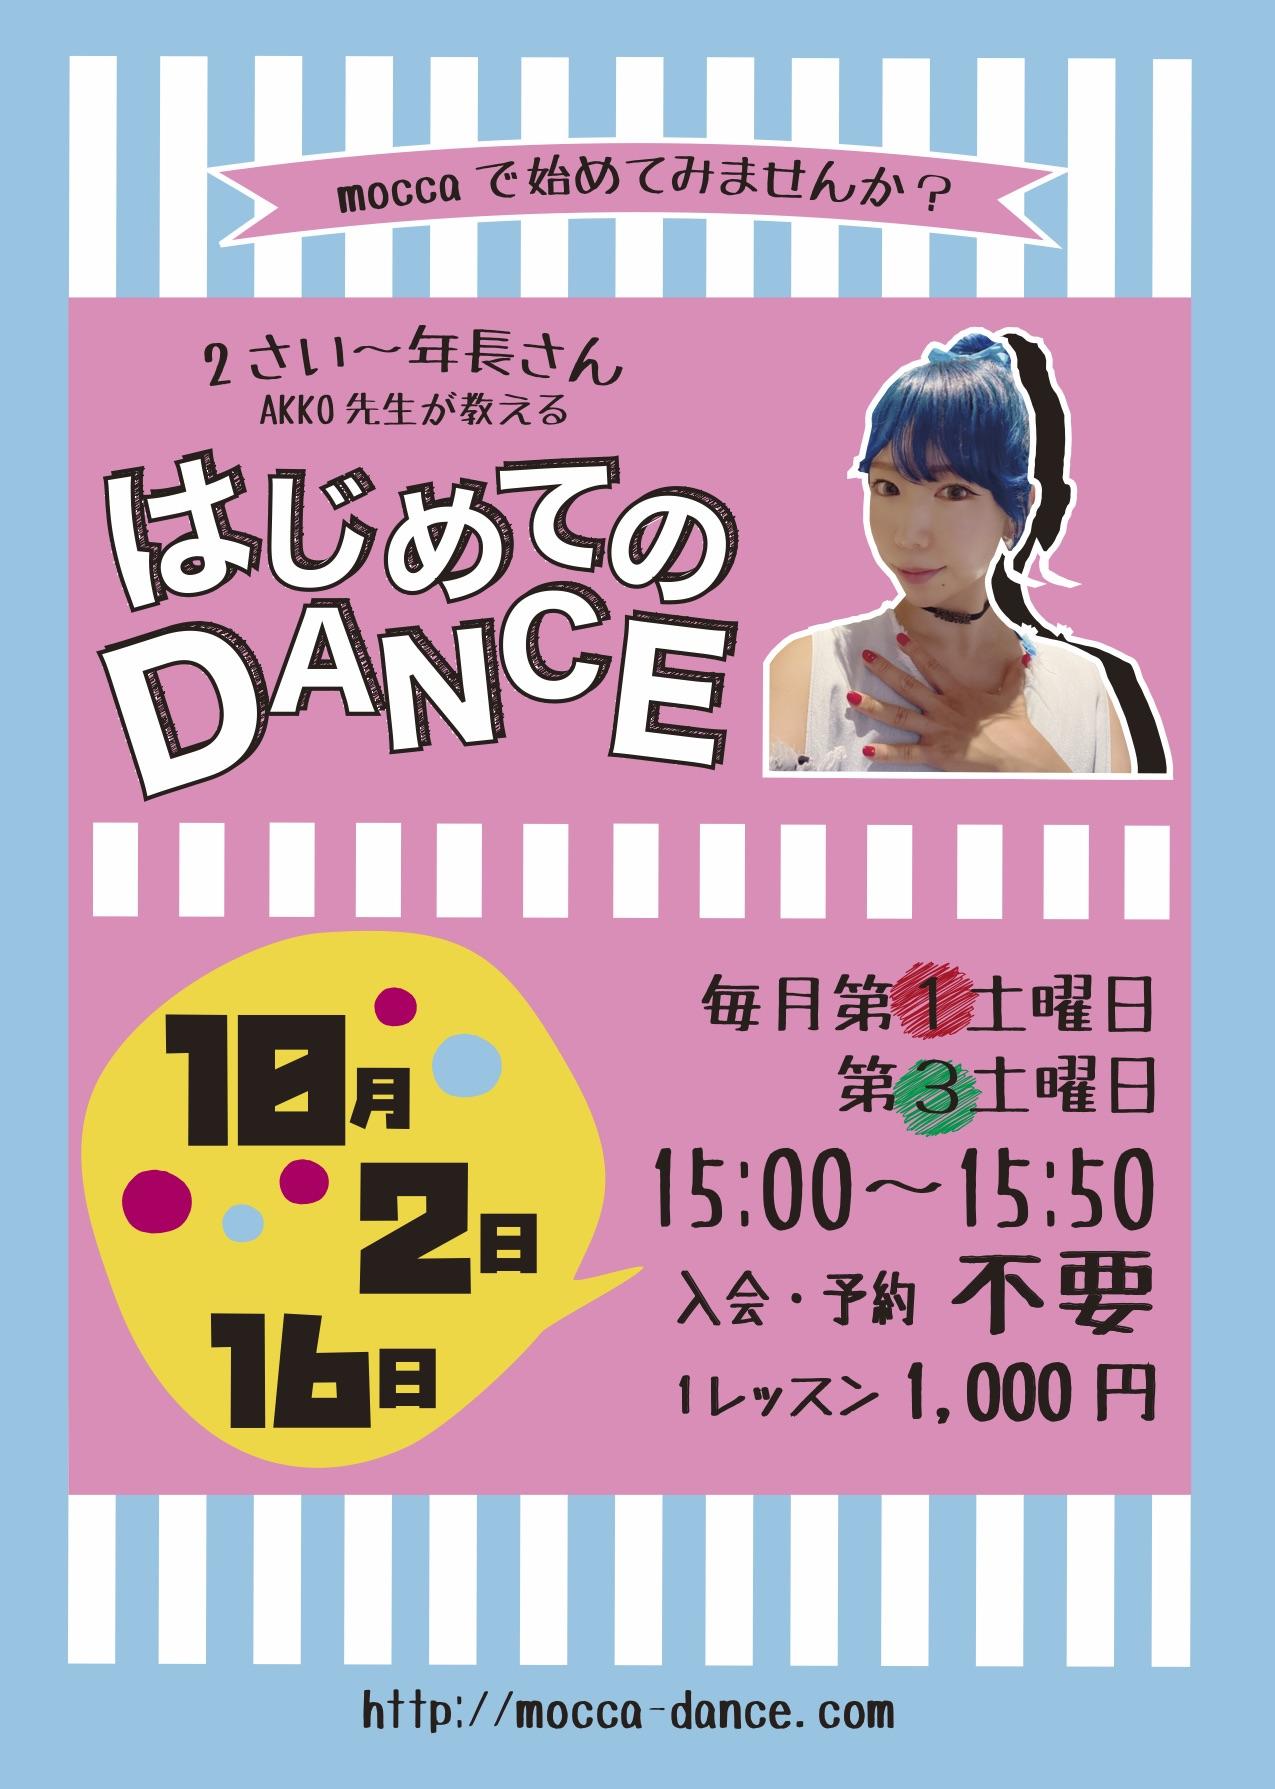 http://mocca-dance.com/akko-10.pdf%20%281%29%E3%81%AE%E3%82%B3%E3%83%92%E3%82%9A%E3%83%BC.jpg